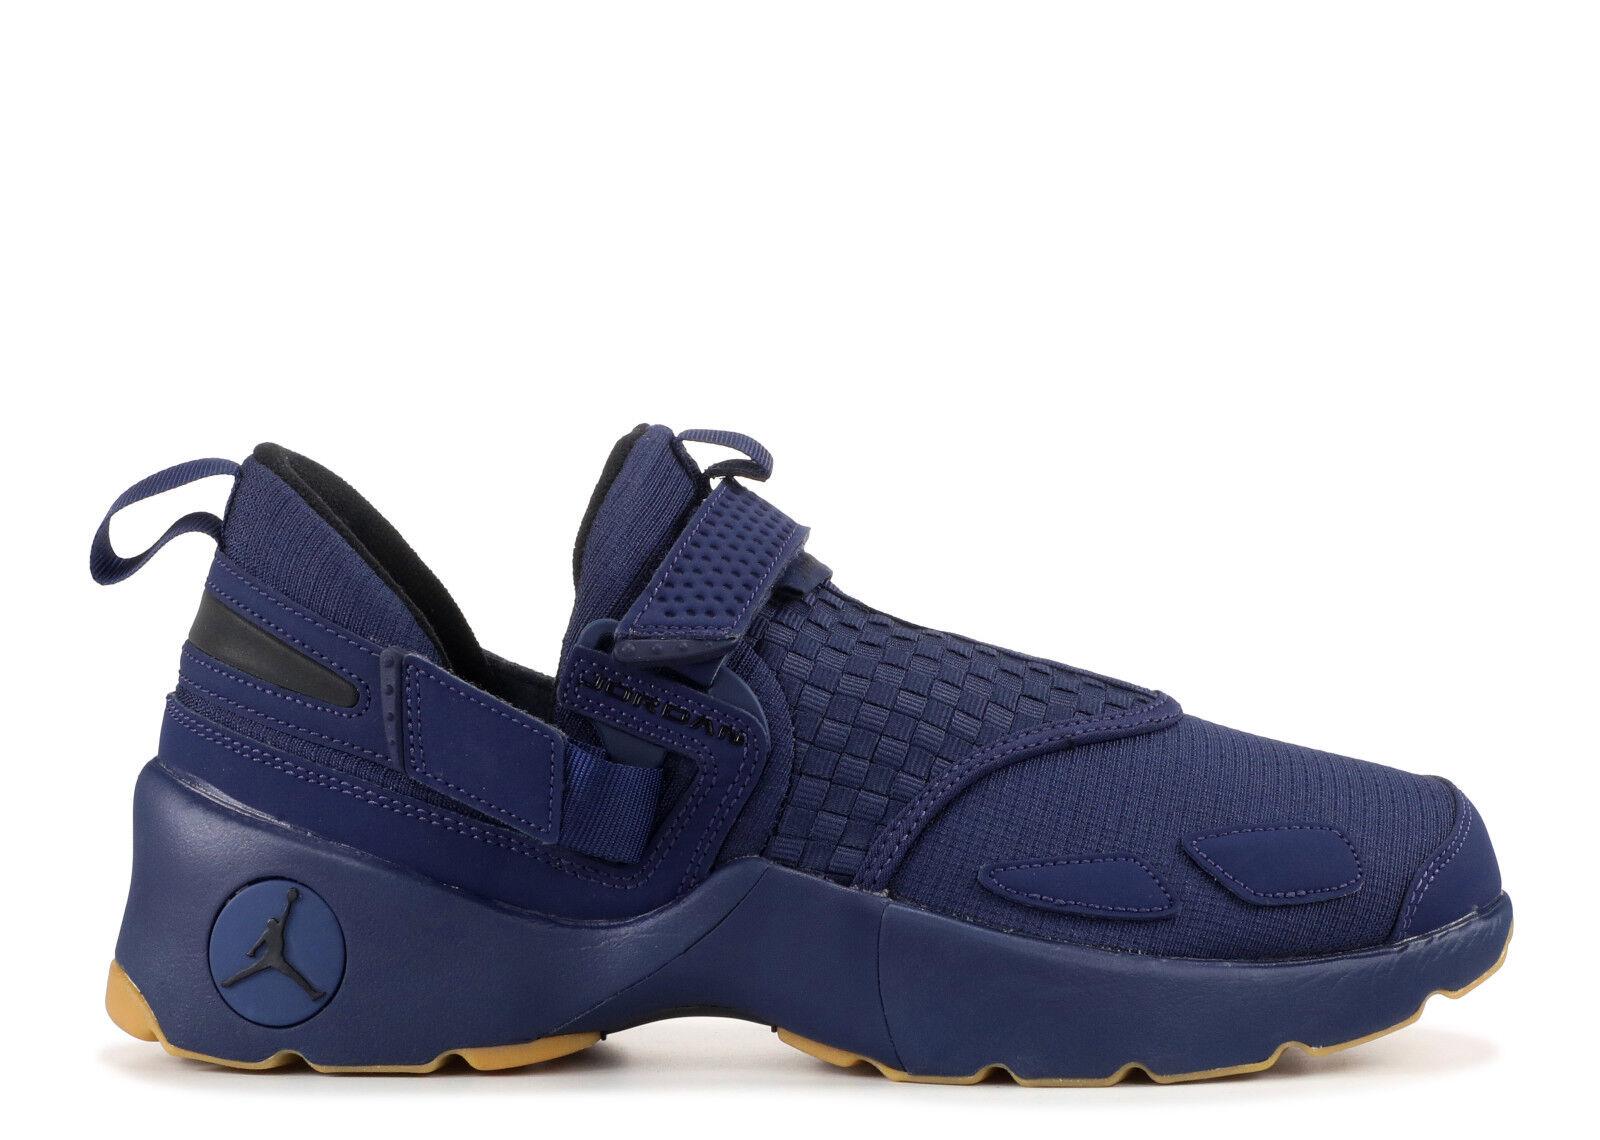 Jordan Trunner Lx Zapatos azul marino noche Negro-Goma de mascar 897992-401 EE. UU. hombres Talla (s) 8 - 9